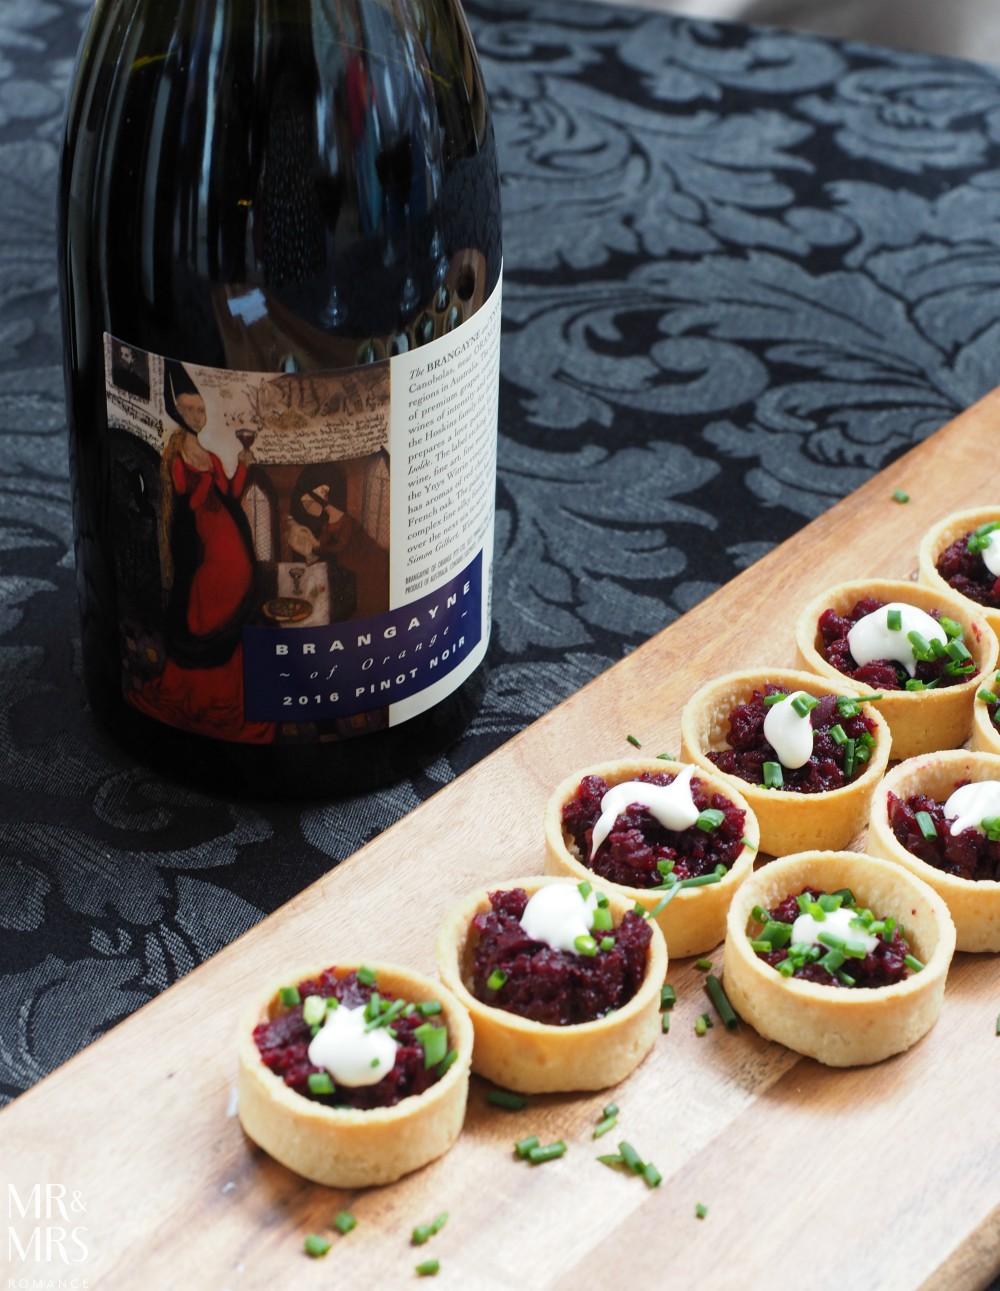 Orange Wine Festival - Brangayne Wines food